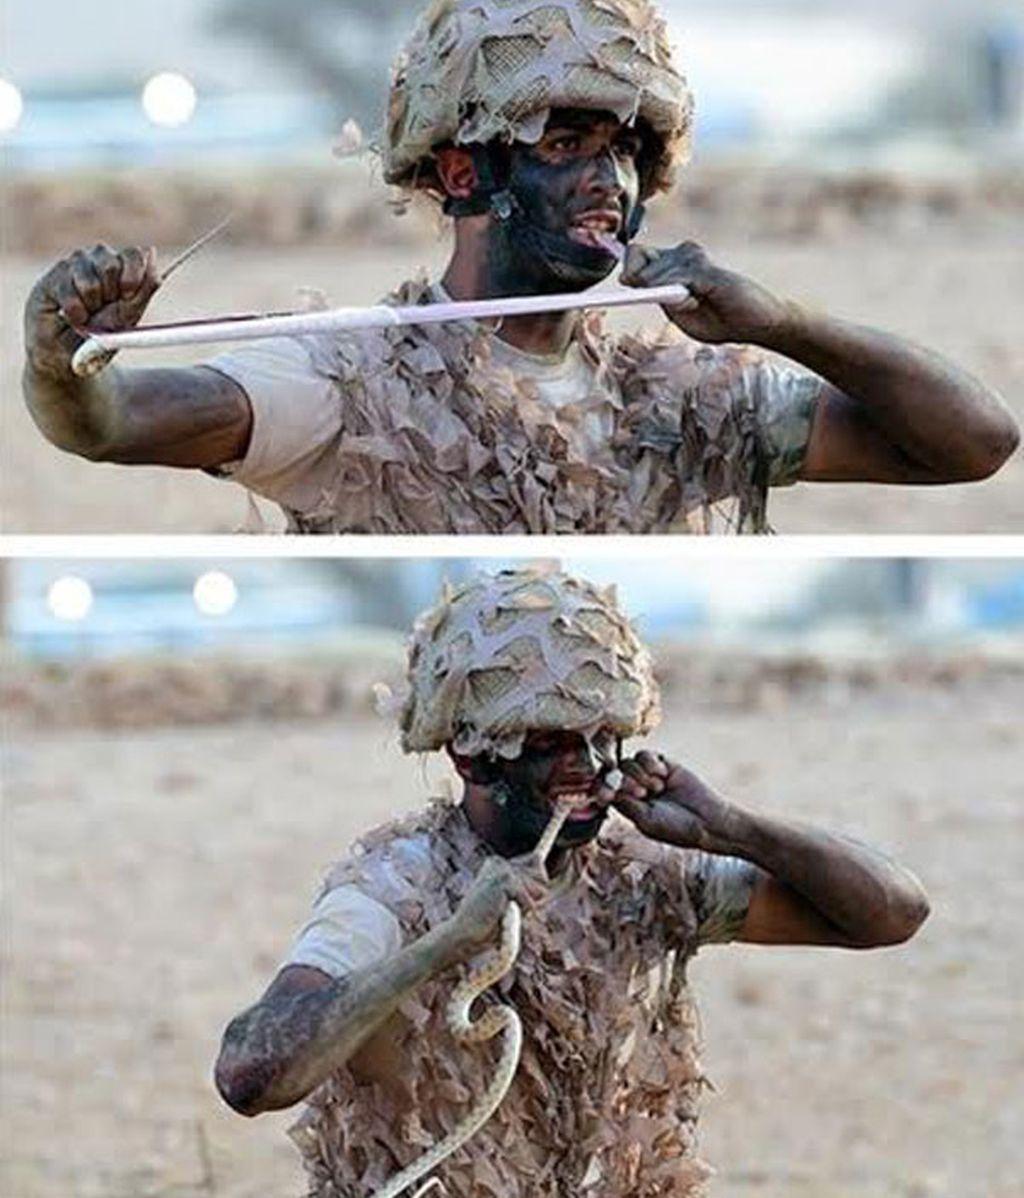 Un soldado saudí devora una serpiente viva en pleno entrenamiento